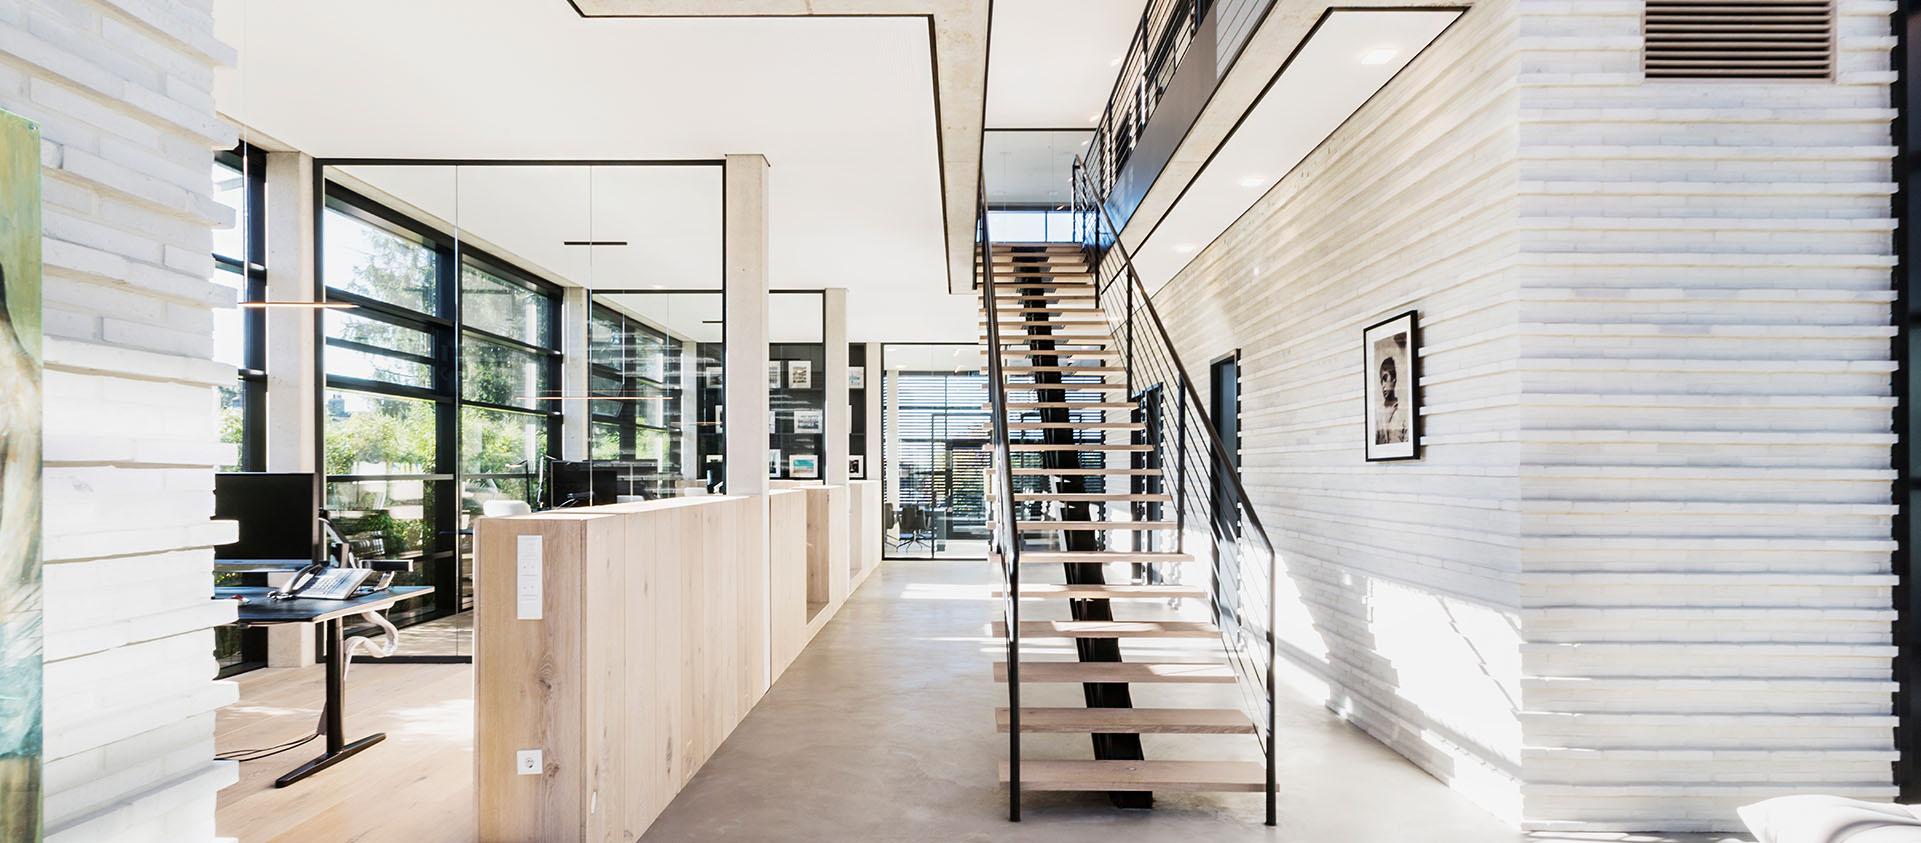 Eberhard und Florian Horn Architektur Eingangsbereich Interieur